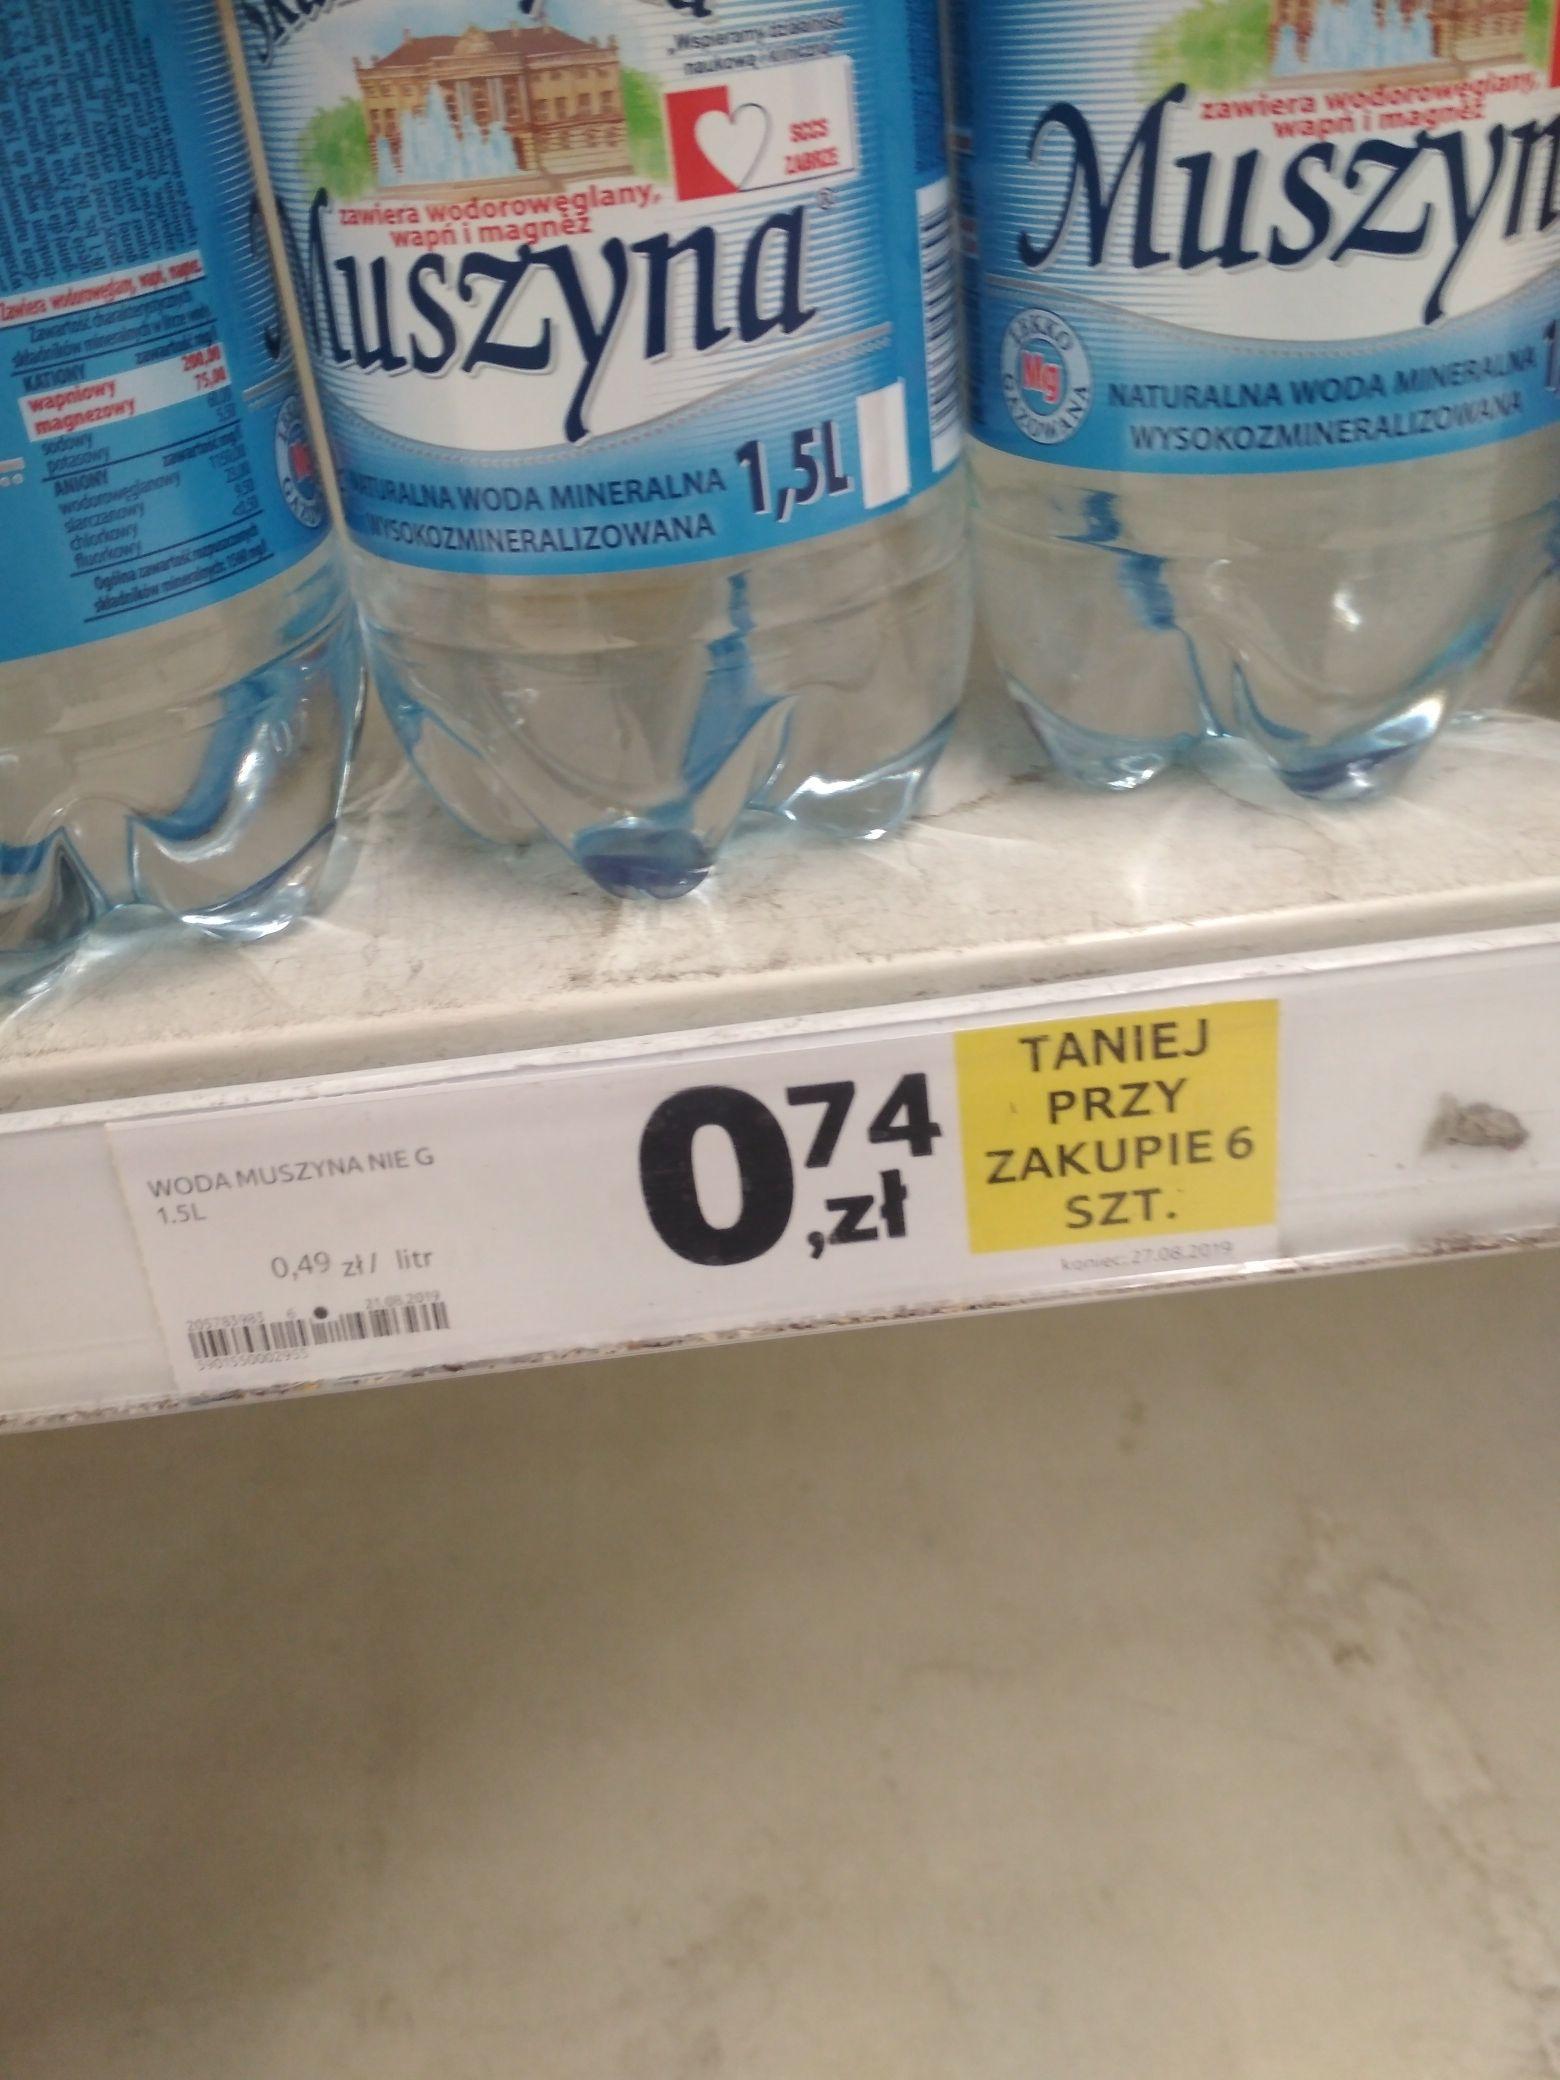 Woda Muszyna Gazowana 1,5l za 0,34 gr i inne w super cenach! @Tesco